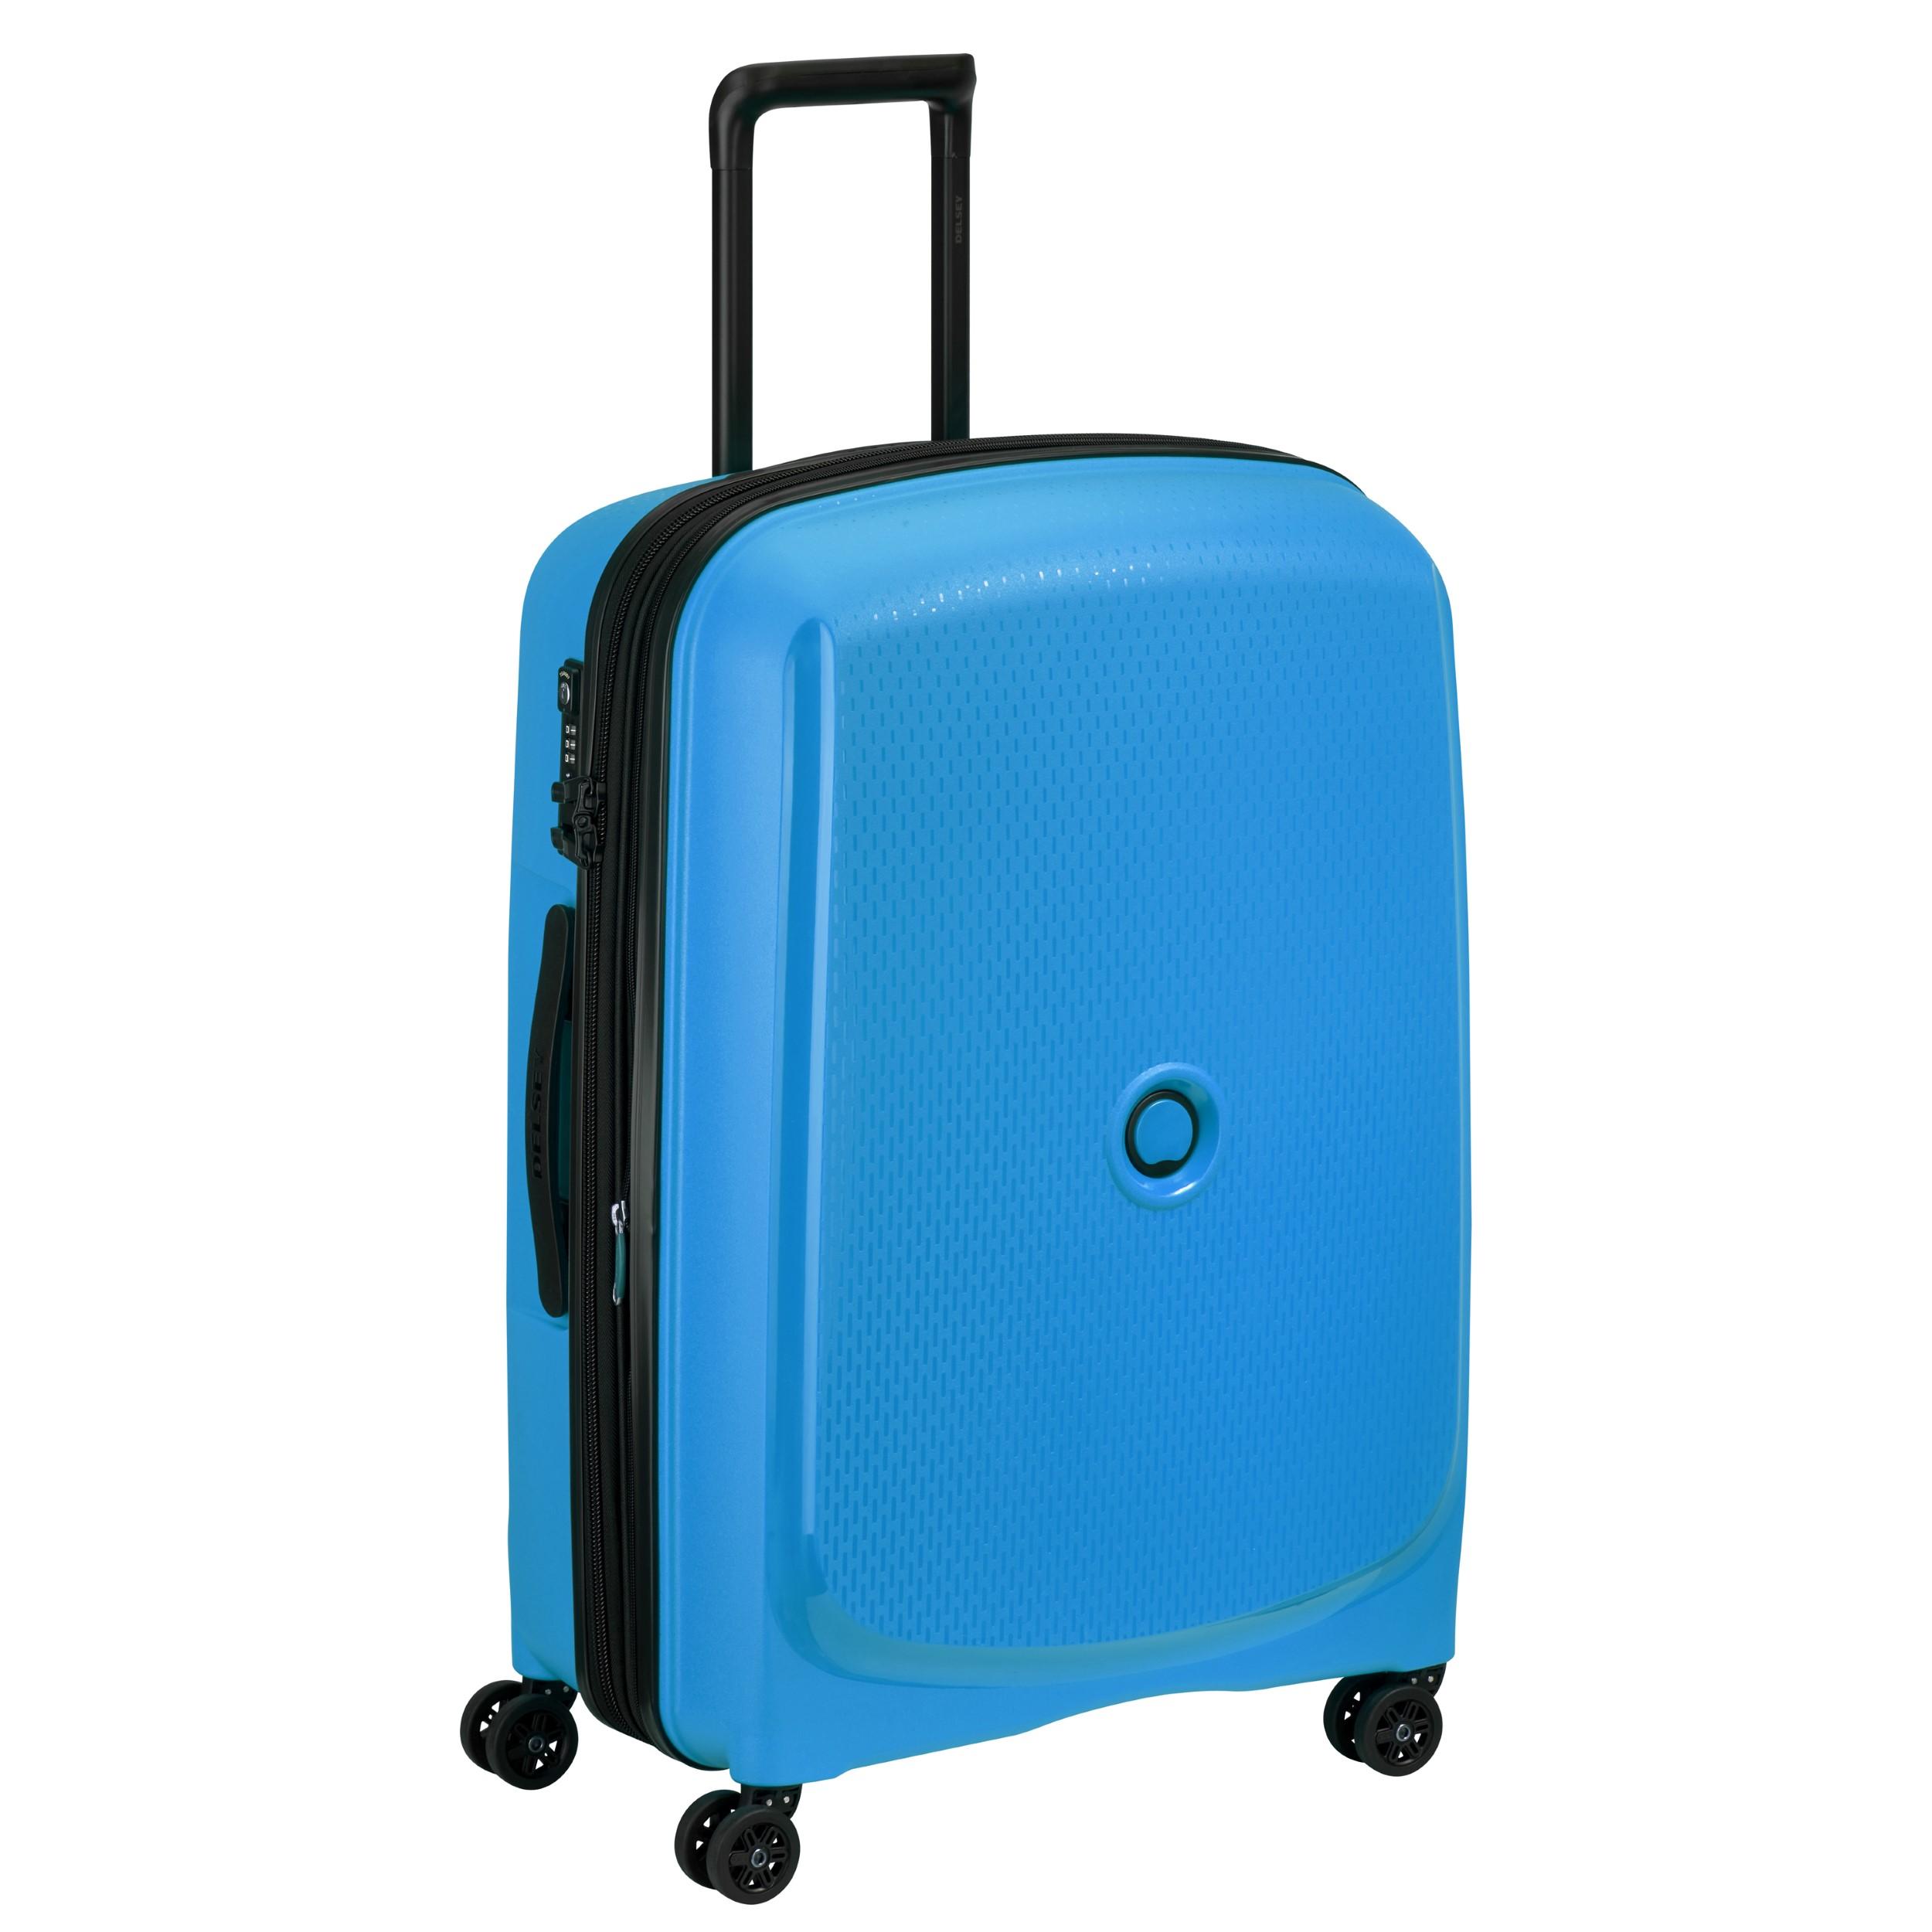 چمدان دلسی مدل بلمونت پلاس کد 3861820 سایز متوسط